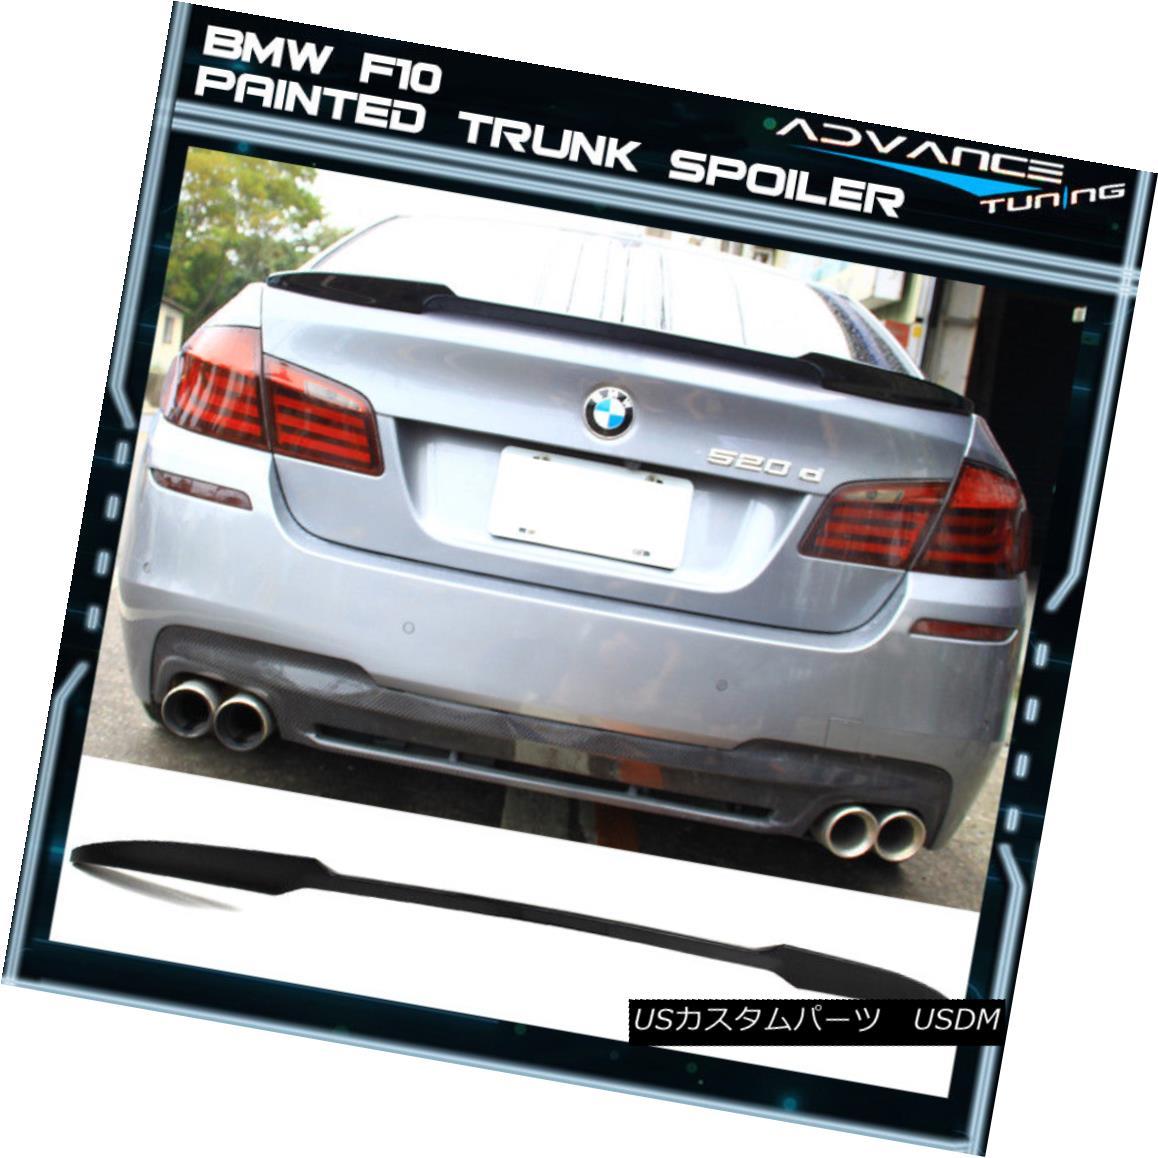 エアロパーツ 11-16 BMW F10 5-Series Sedan 4Dr M4 Style Trunk Spoiler Wing - Unpainted ABS 11-16 BMW F10 5シリーズセダン4Dr M4スタイルトランクスポイラーウイング - 未塗装ABS